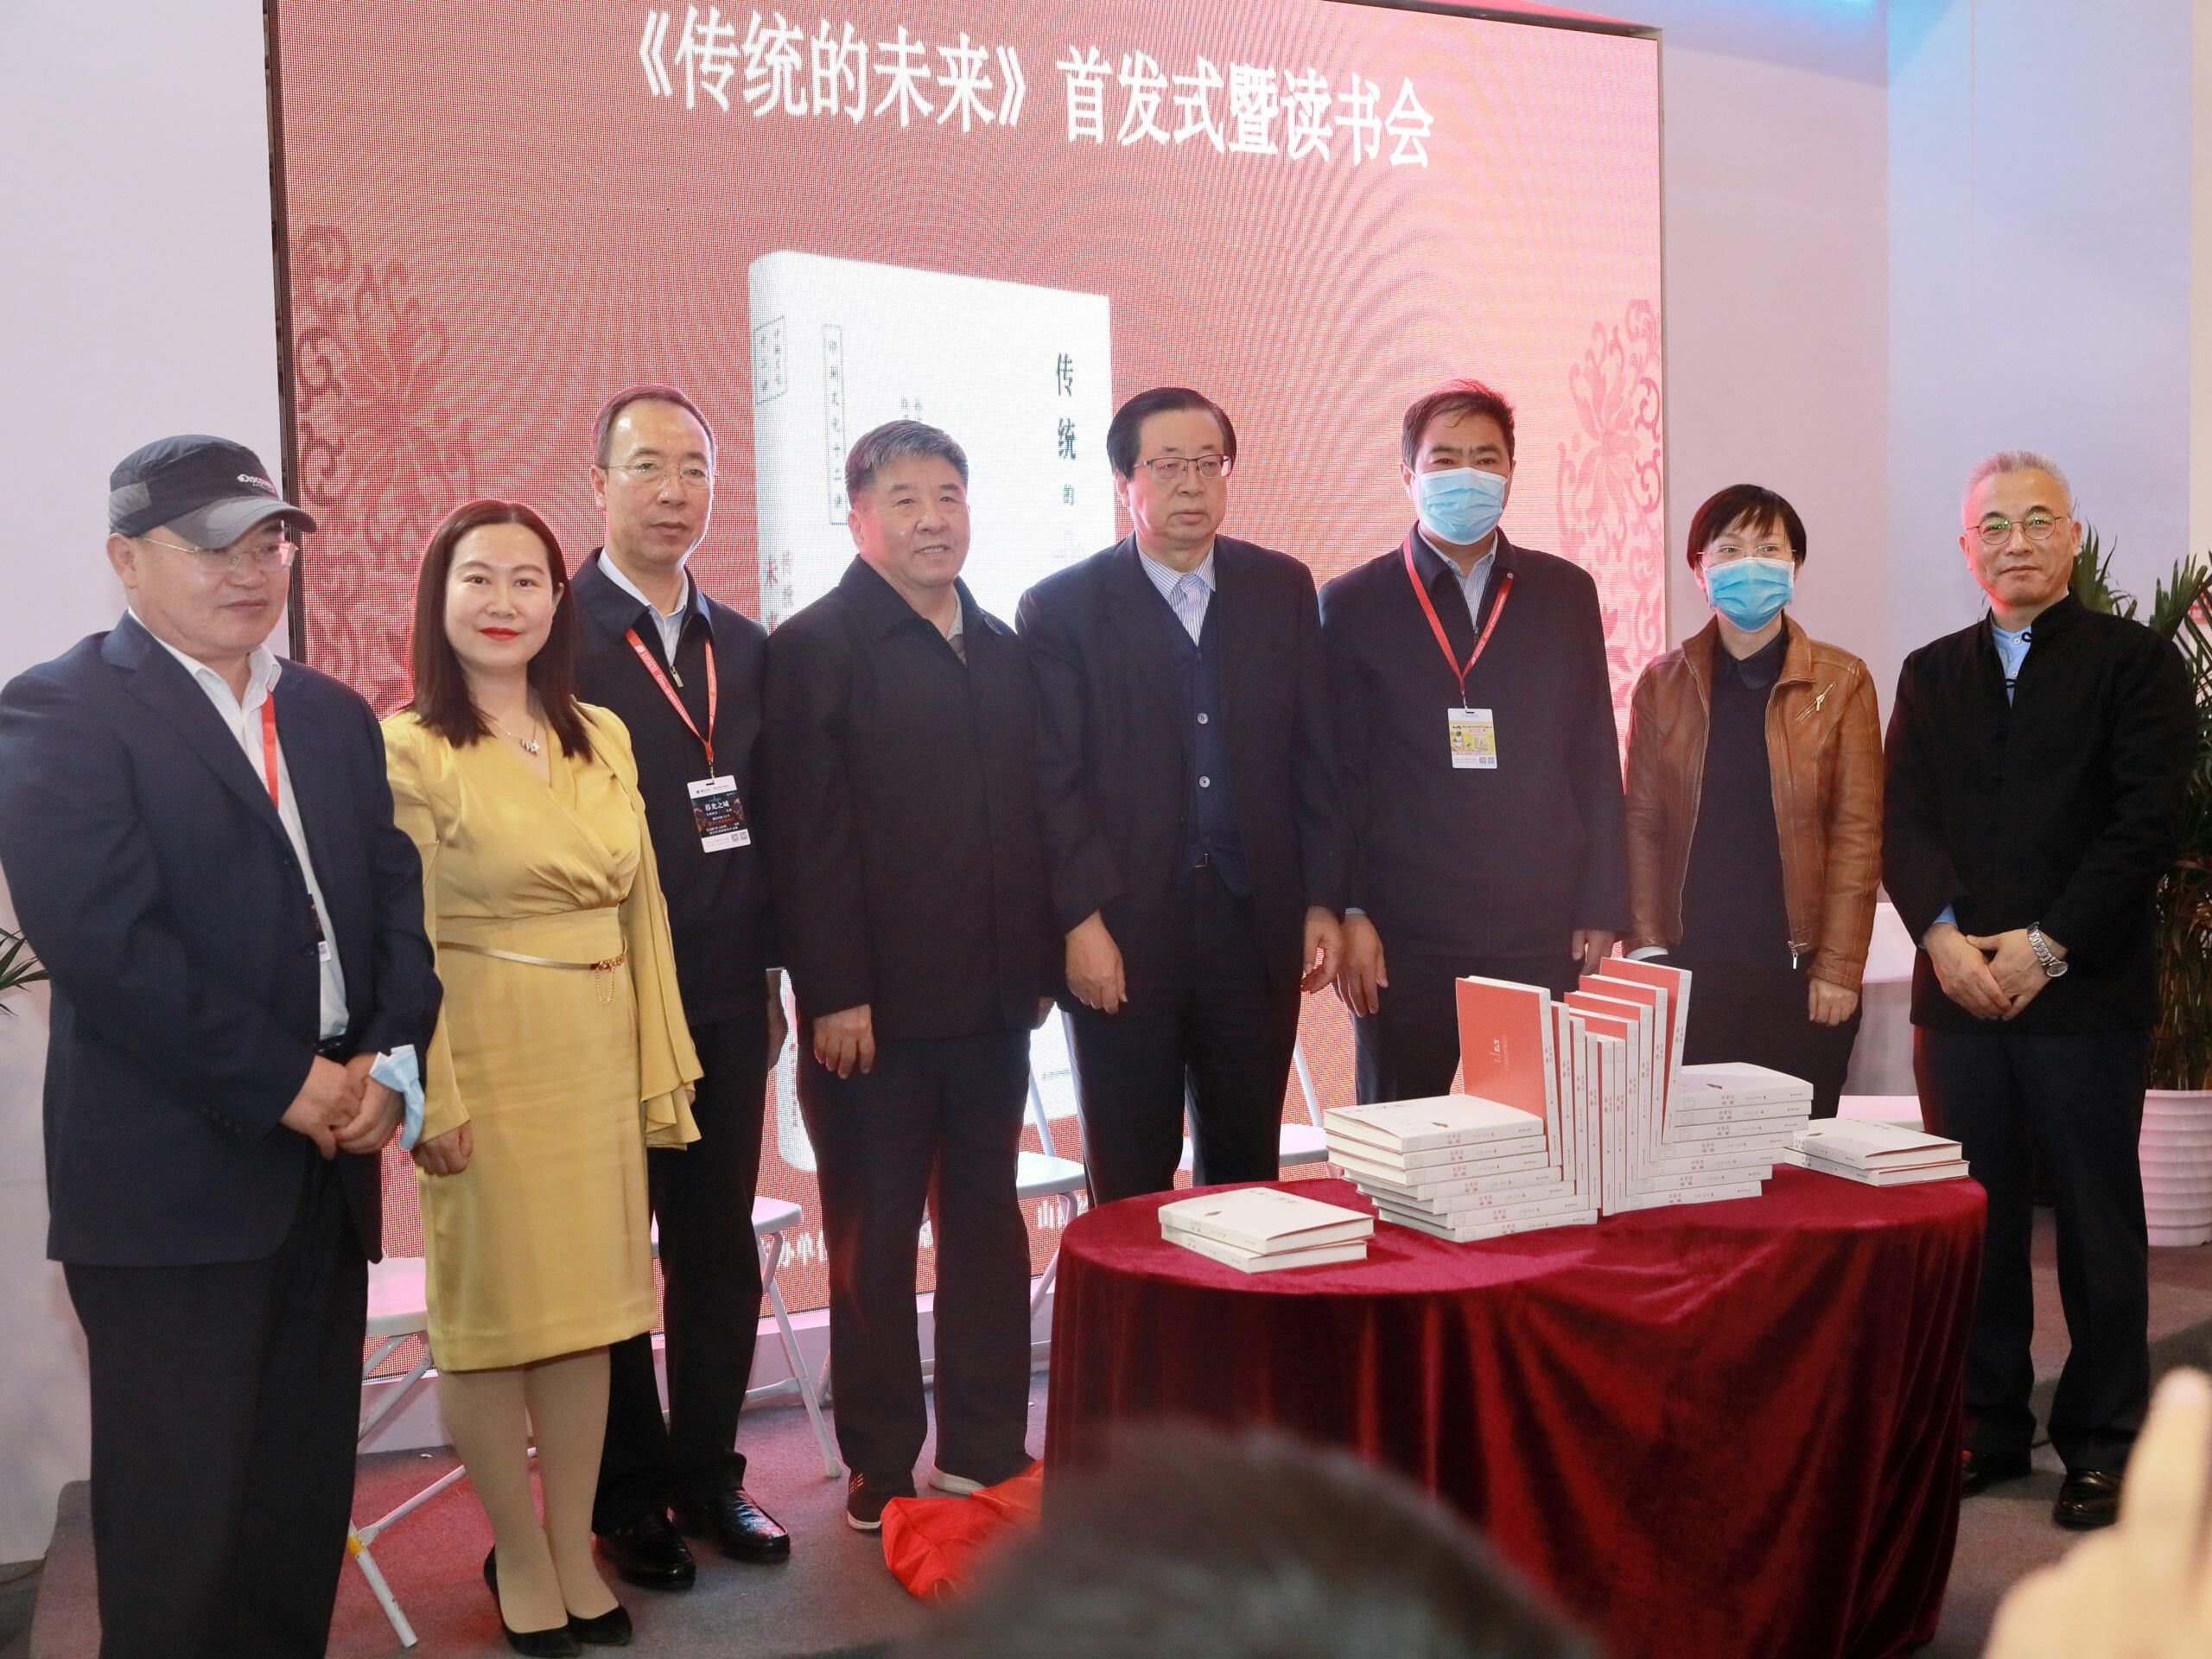 《传统的未来》首发式暨读书会在北京举行-出版人杂志官网